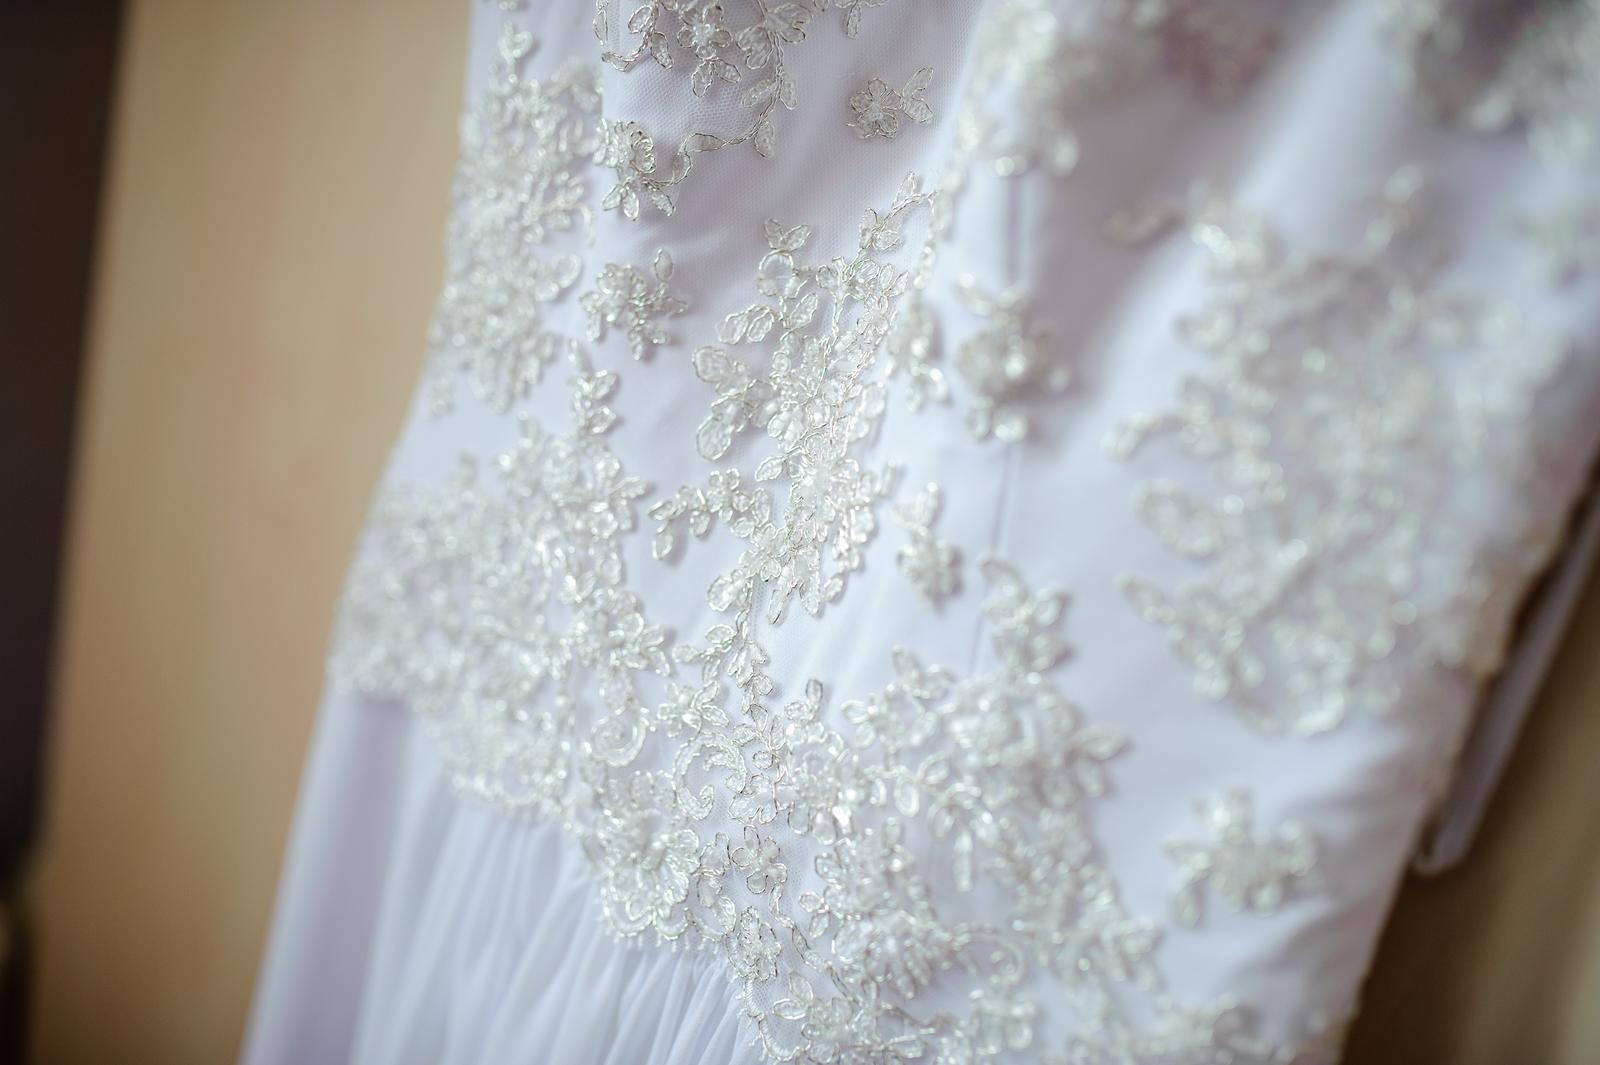 Svadobné šaty pre nižšiu postavu - Obrázok č. 2